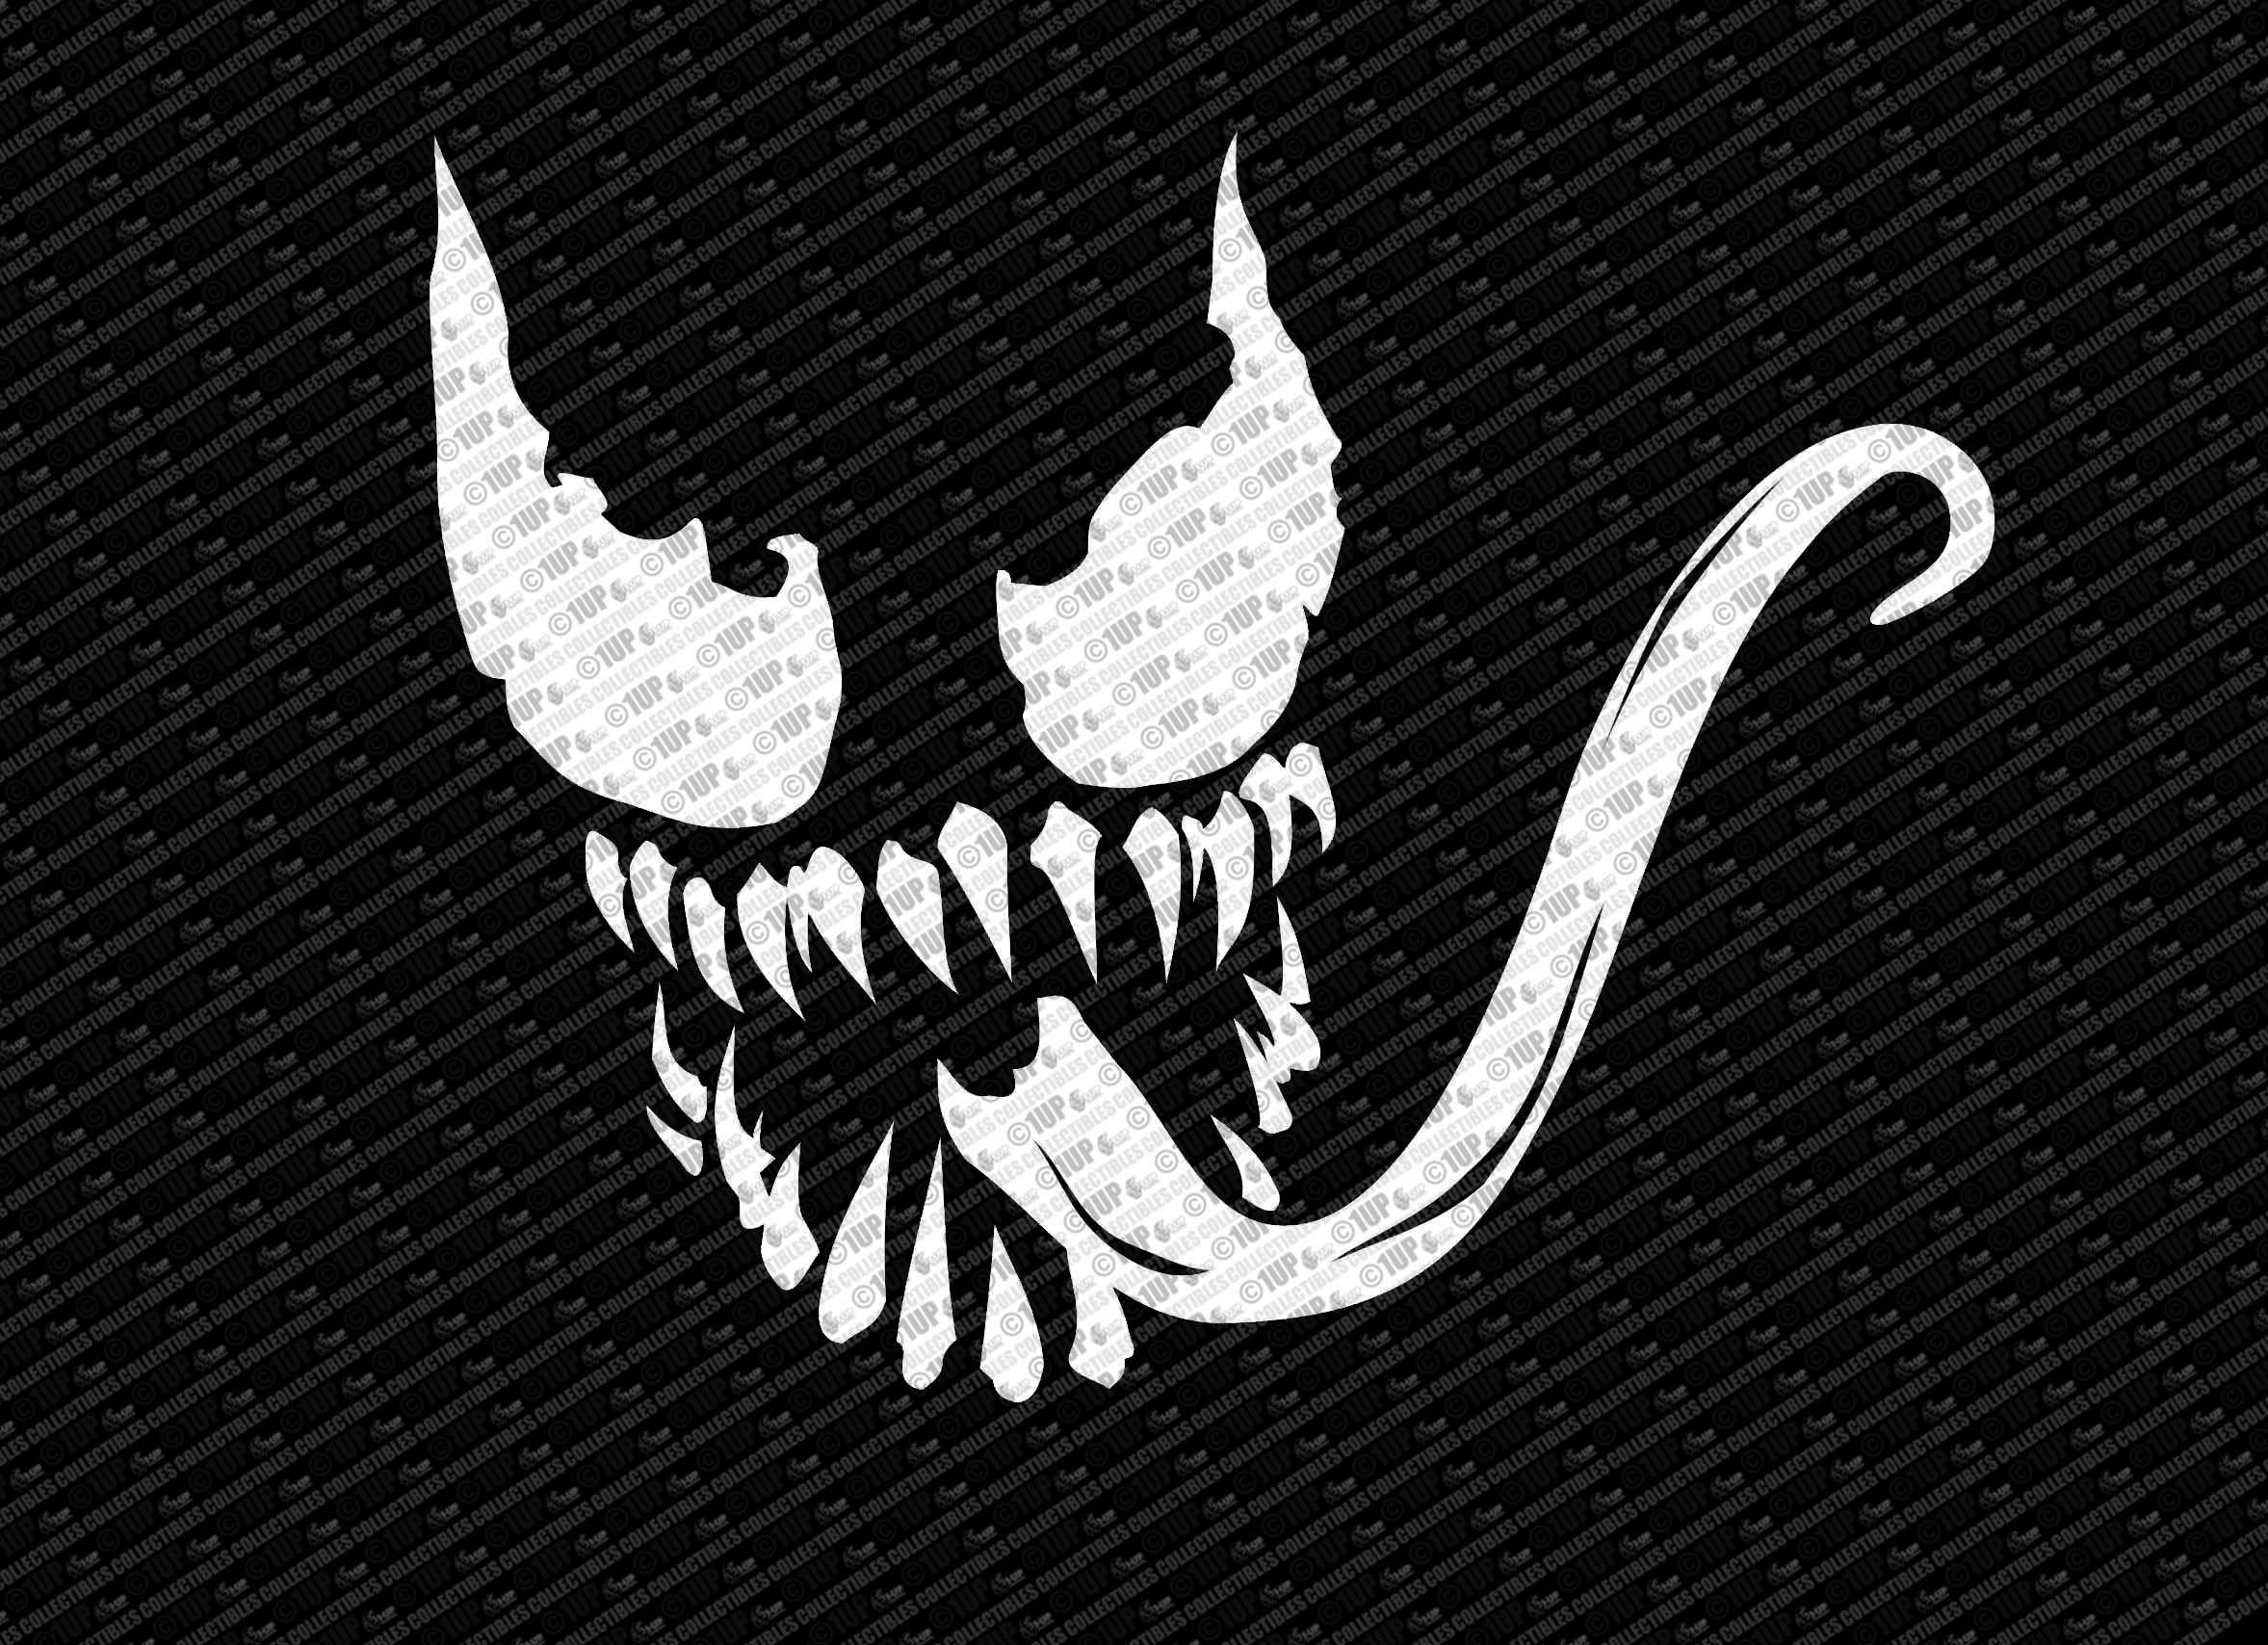 Spider Man Venom Logo Decal Sticker Vinyl Decals Venom Merchandise At 1up Collectibles Vinyl Sticker Ideas Stencil Patterns Iron Man Wallpaper